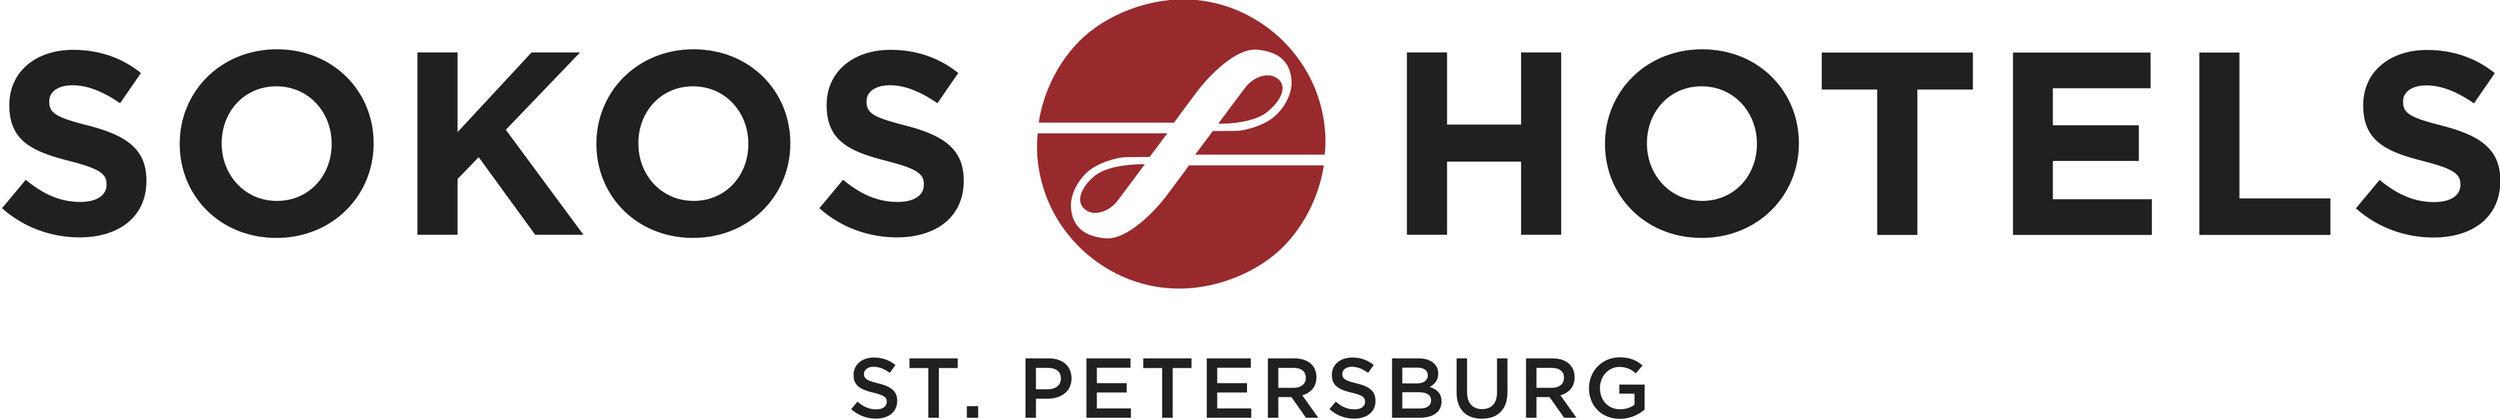 sokos-hotels-st-petersburg_1_orig.jpg